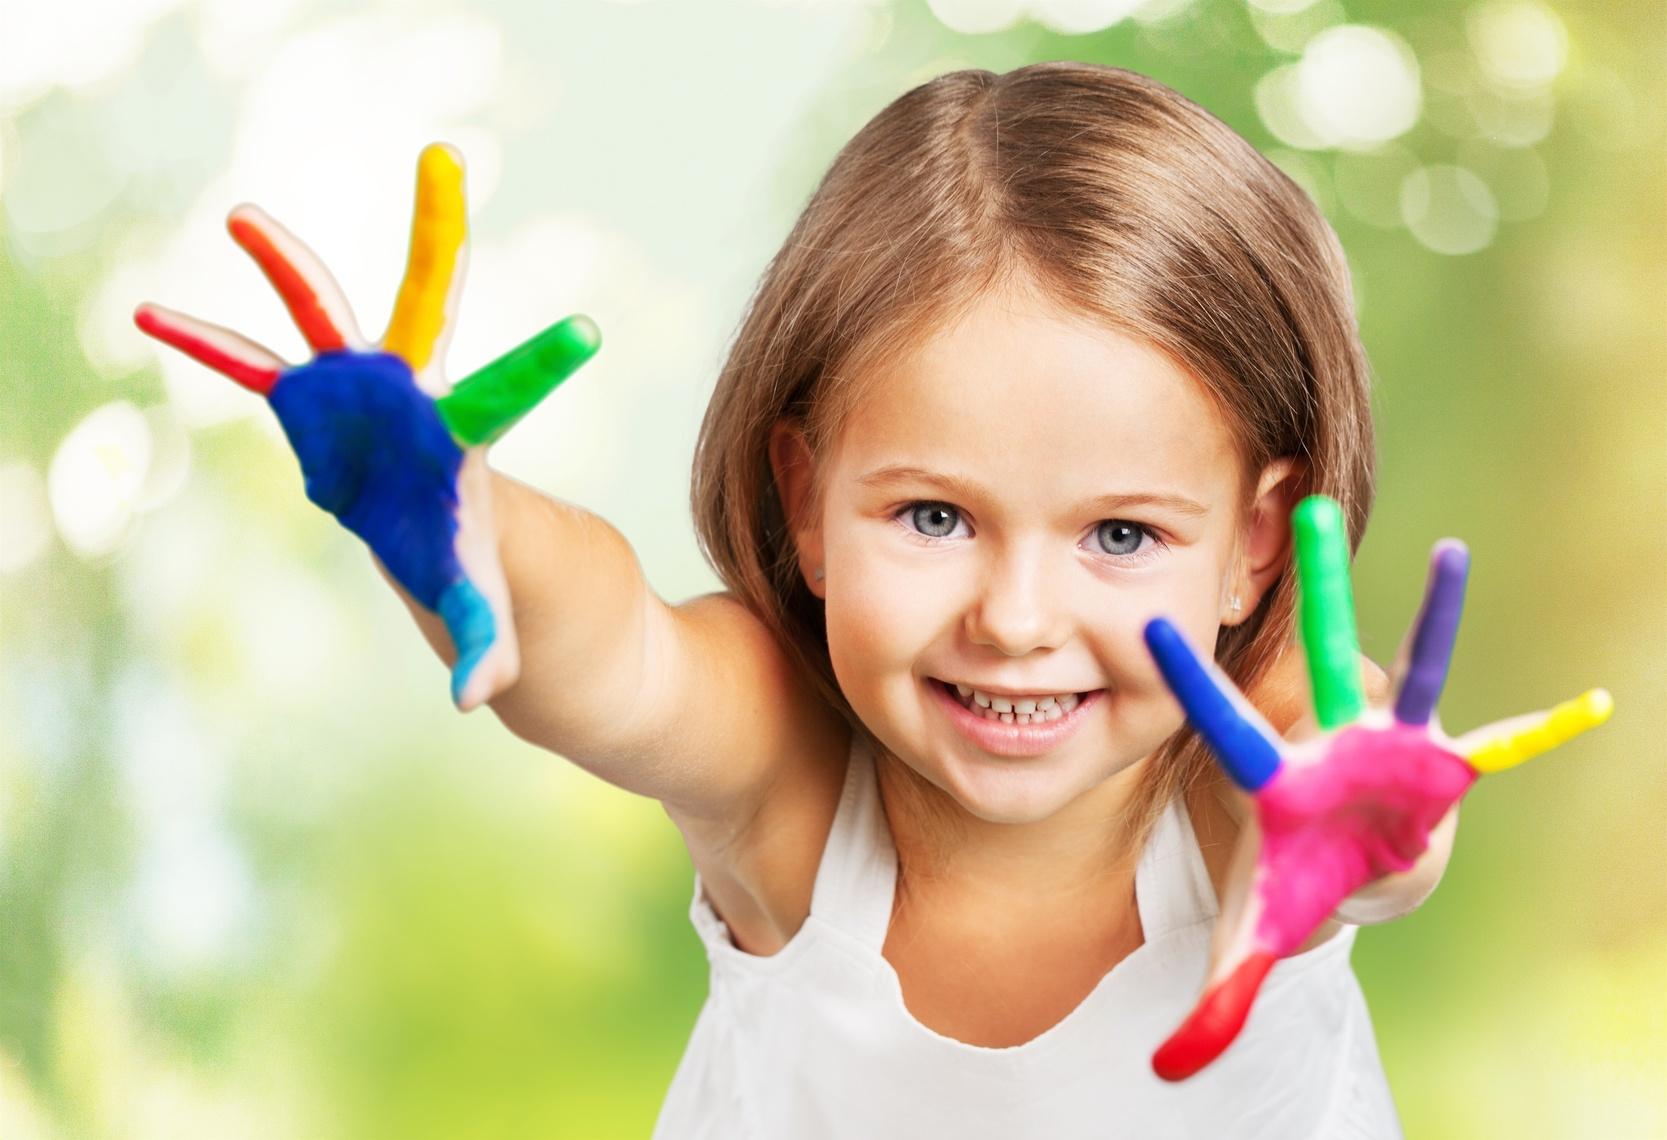 11 Jeux Pour Les Enfants De Moins De 3 Ans | Redcross-Edu dedans Jeux Pour Jeunes Enfants